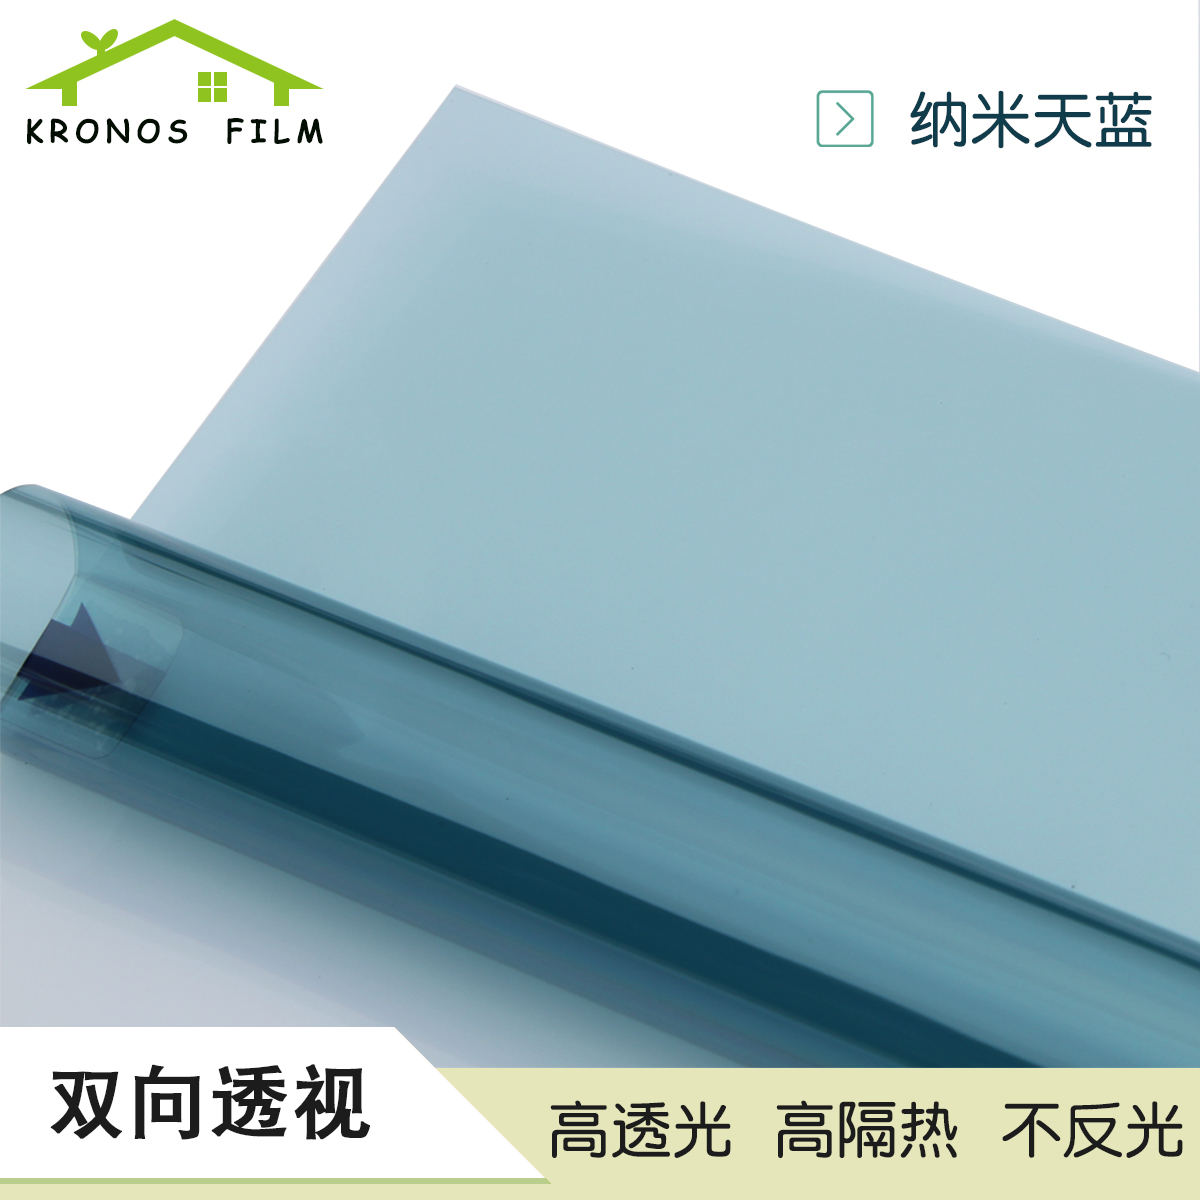 玻璃贴膜高透光贴纸阳光房双向透视膜防爆隔热膜阳台 窗户太阳膜